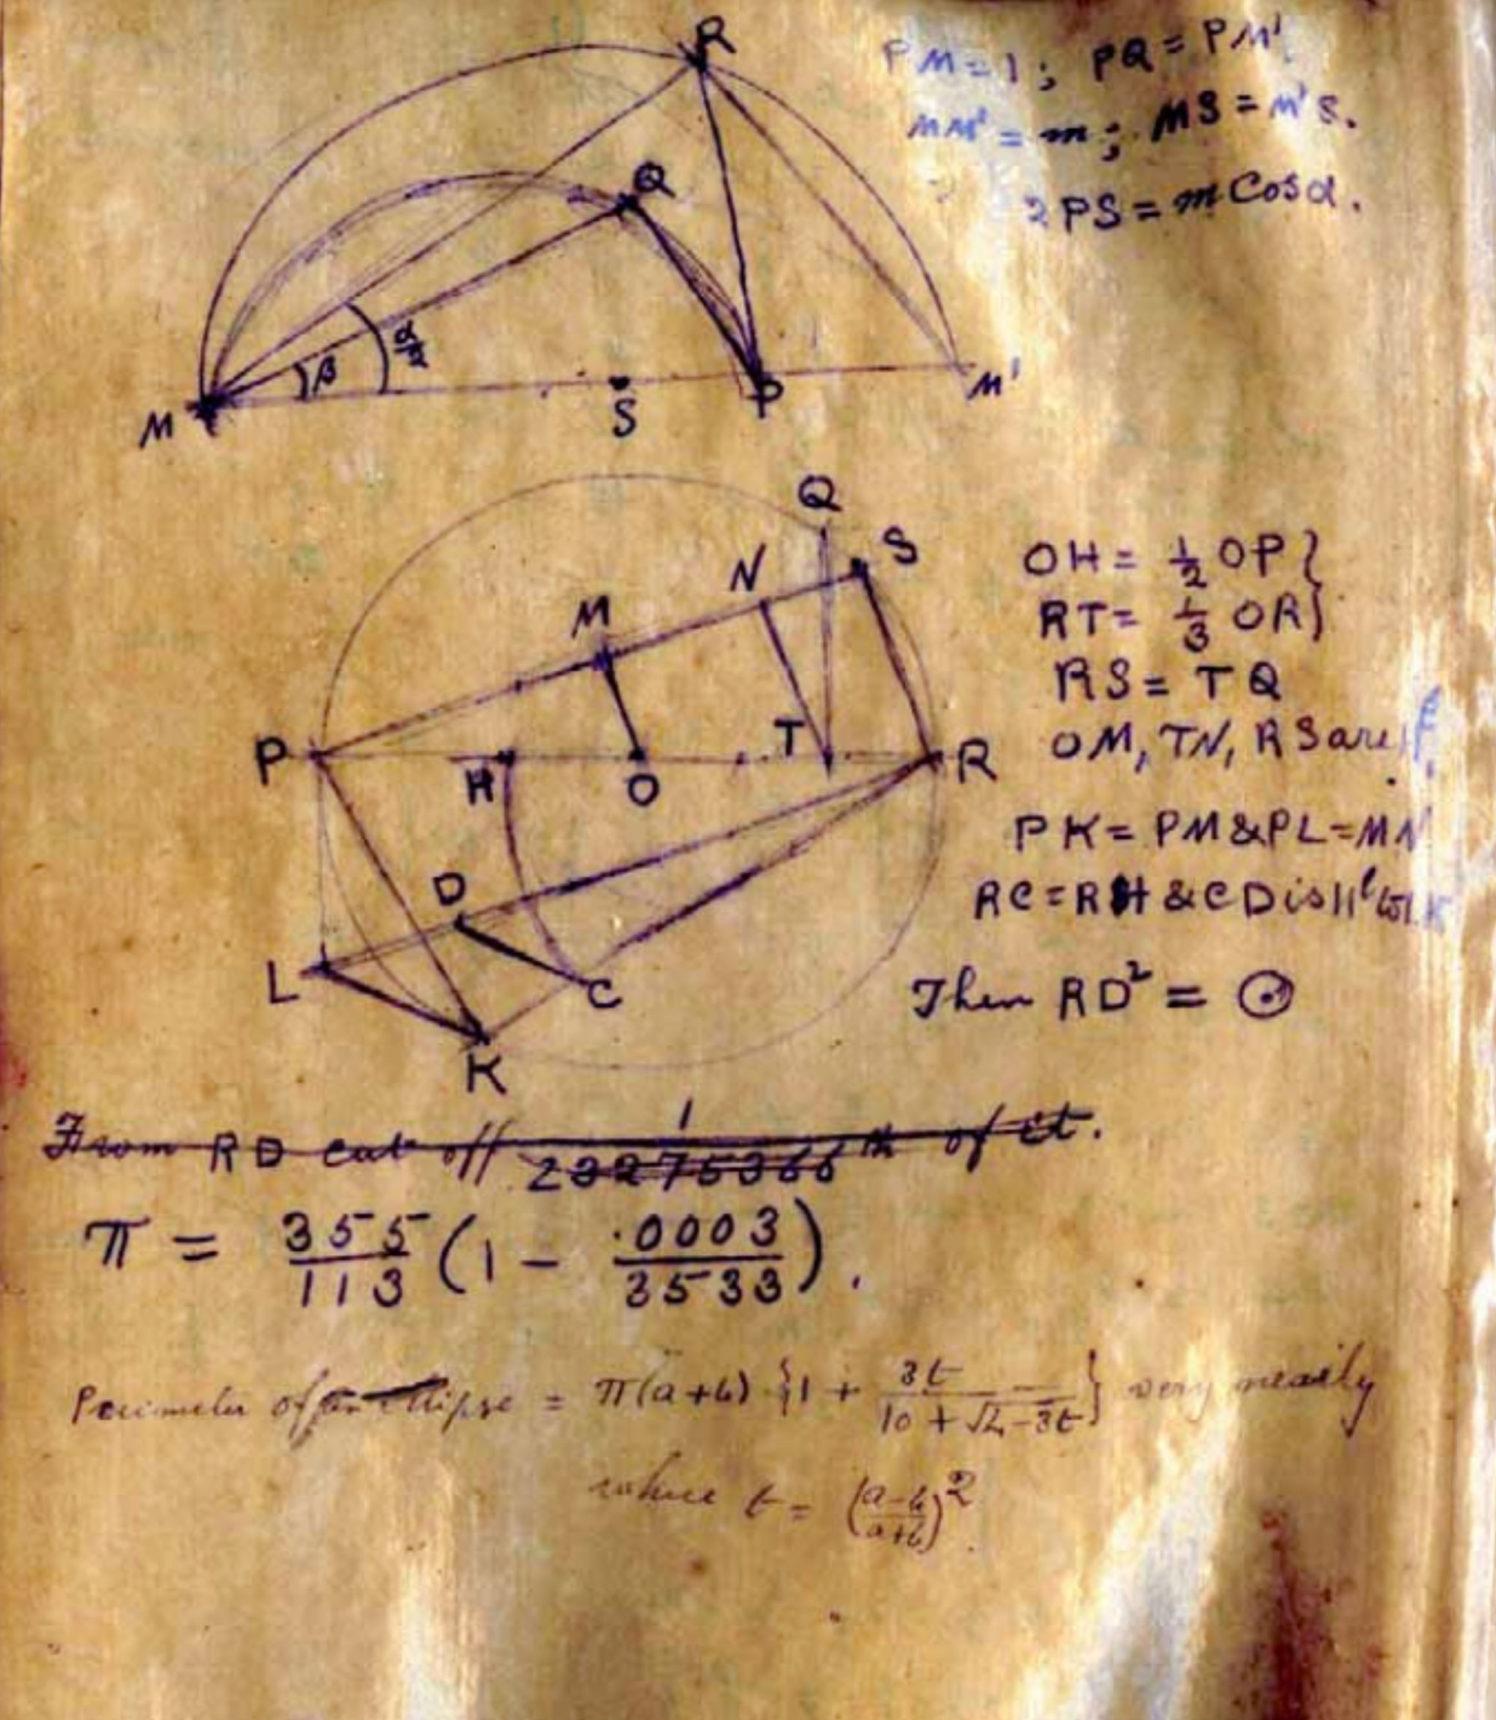 Новое доказательство решает вопрос аппроксимации таких чисел, как пи - 3